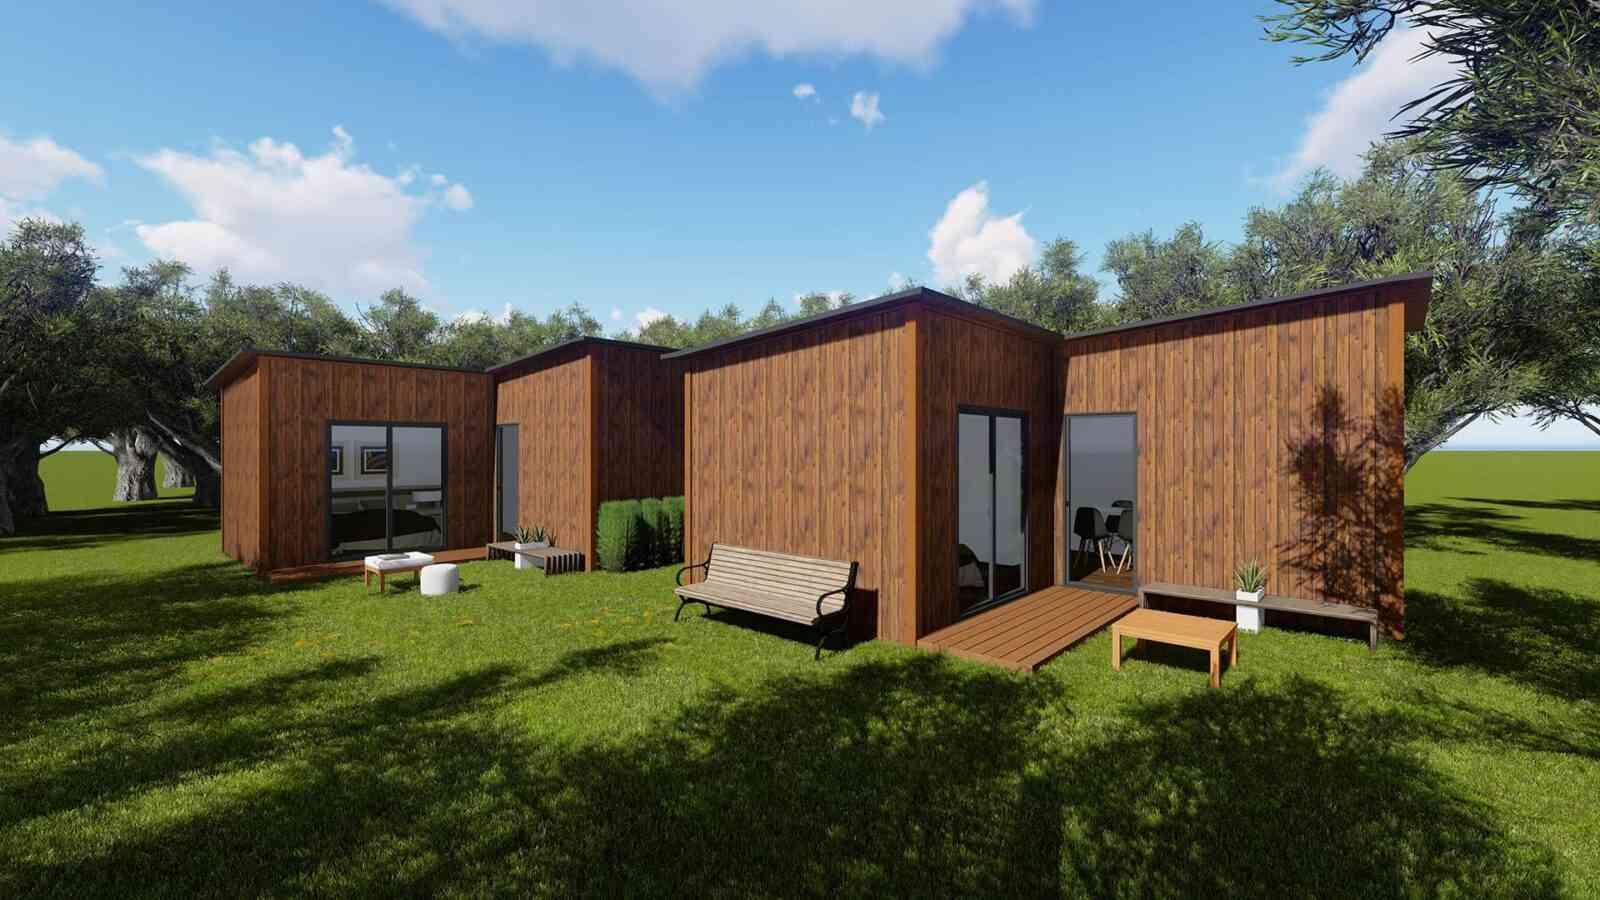 Casa de madeira modelo Solução Turismo 30m², em Portugal